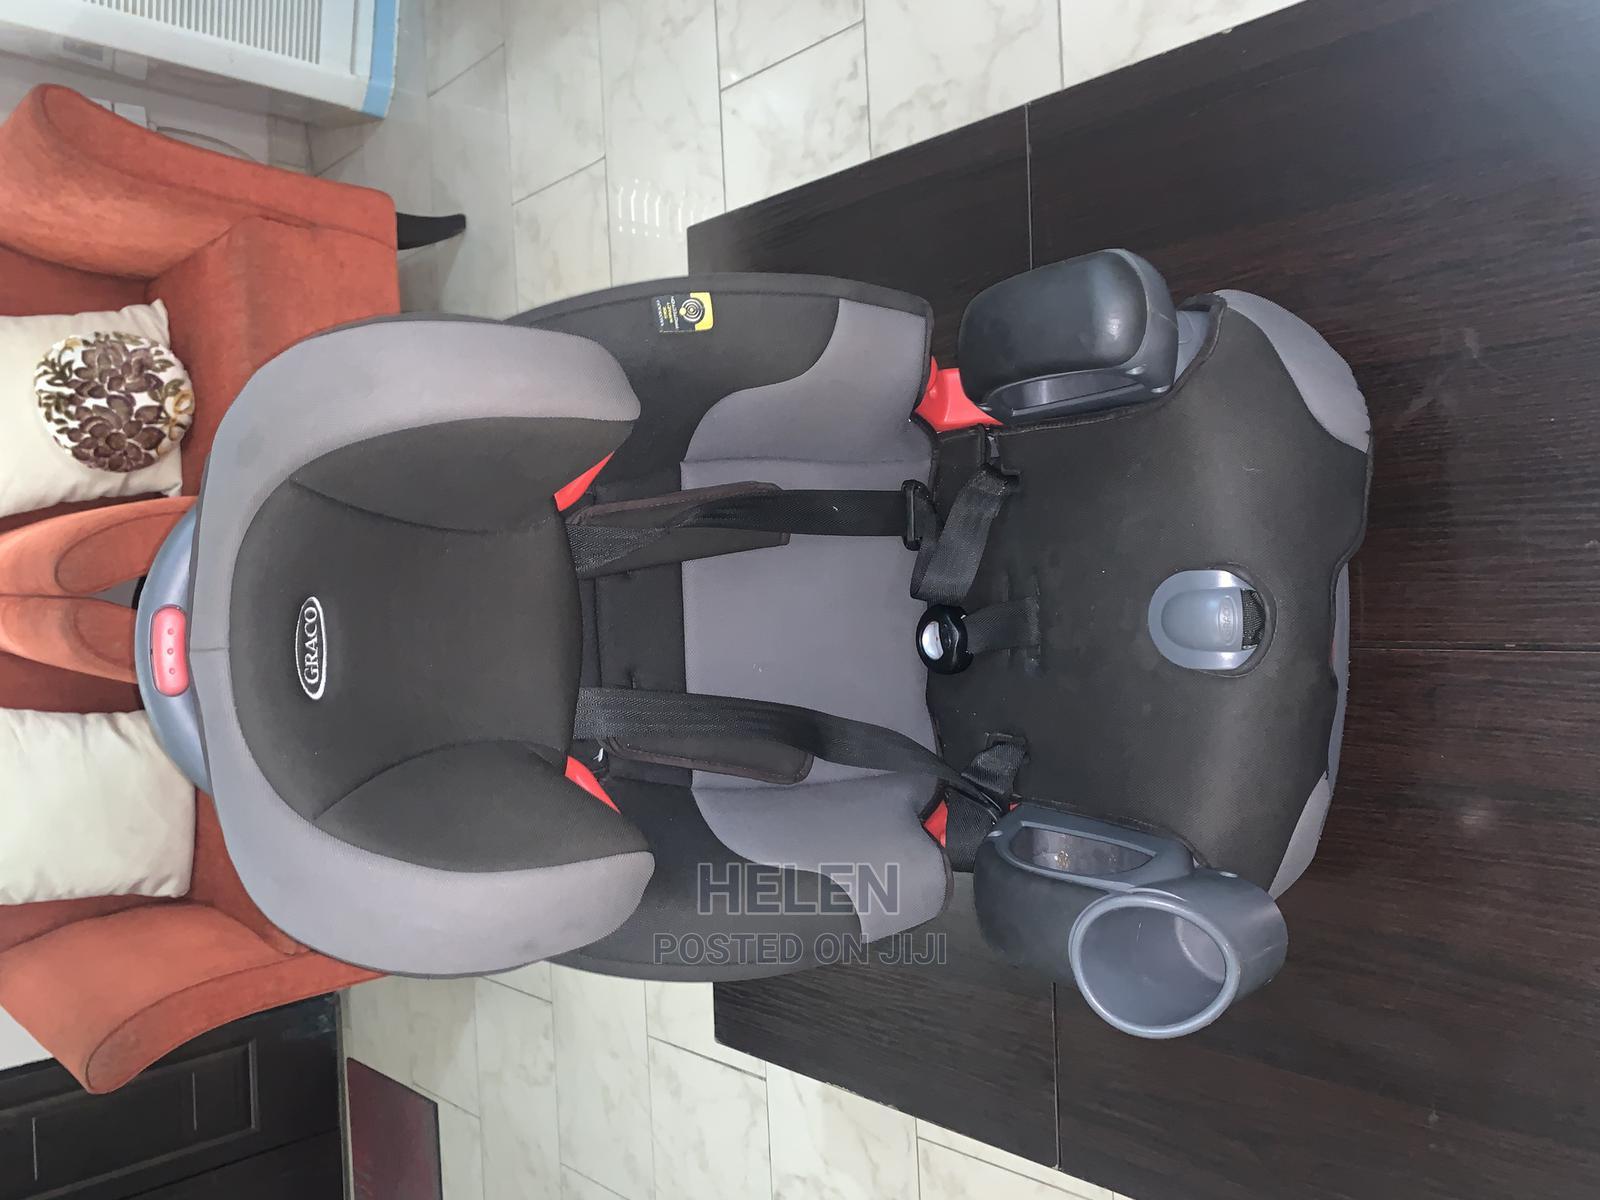 Toddler Graco Car Seat